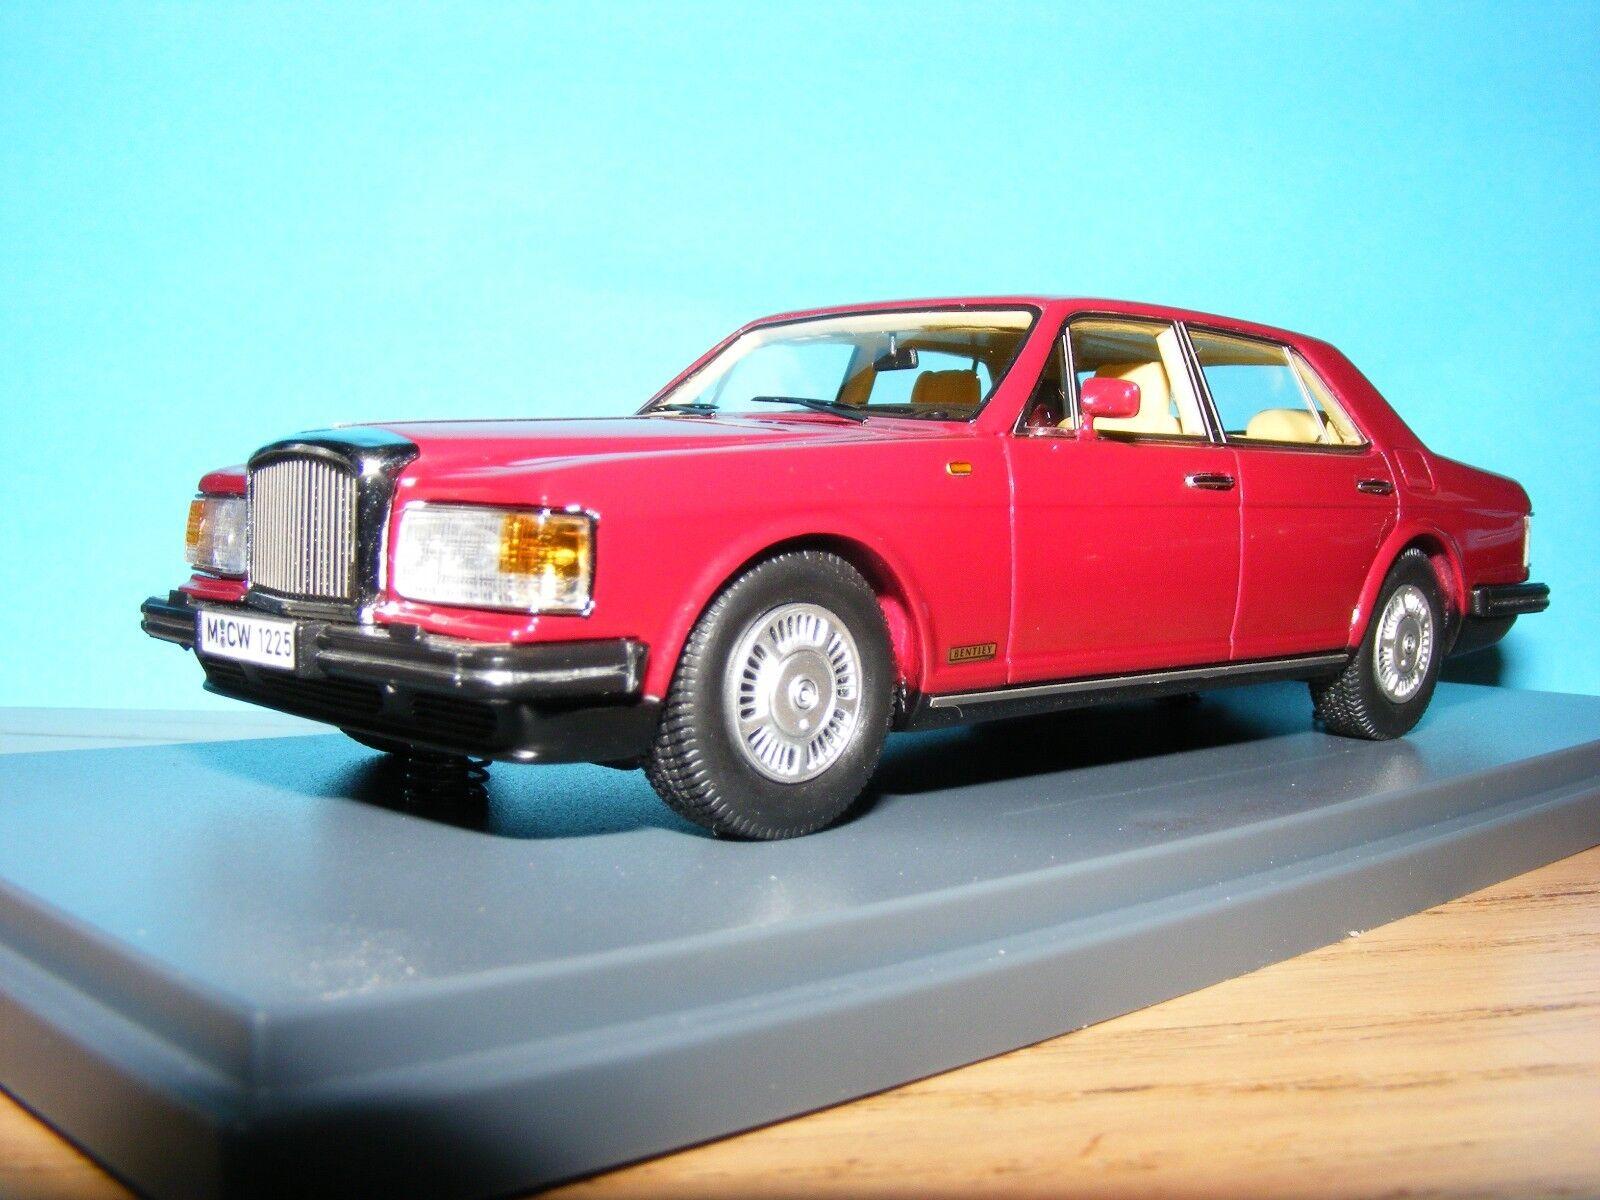 ventas en linea Bentley Mulsanne en rojo metálico 1 43 nla nla nla Raro 1990 Neo Model NUEVO  A la venta con descuento del 70%.